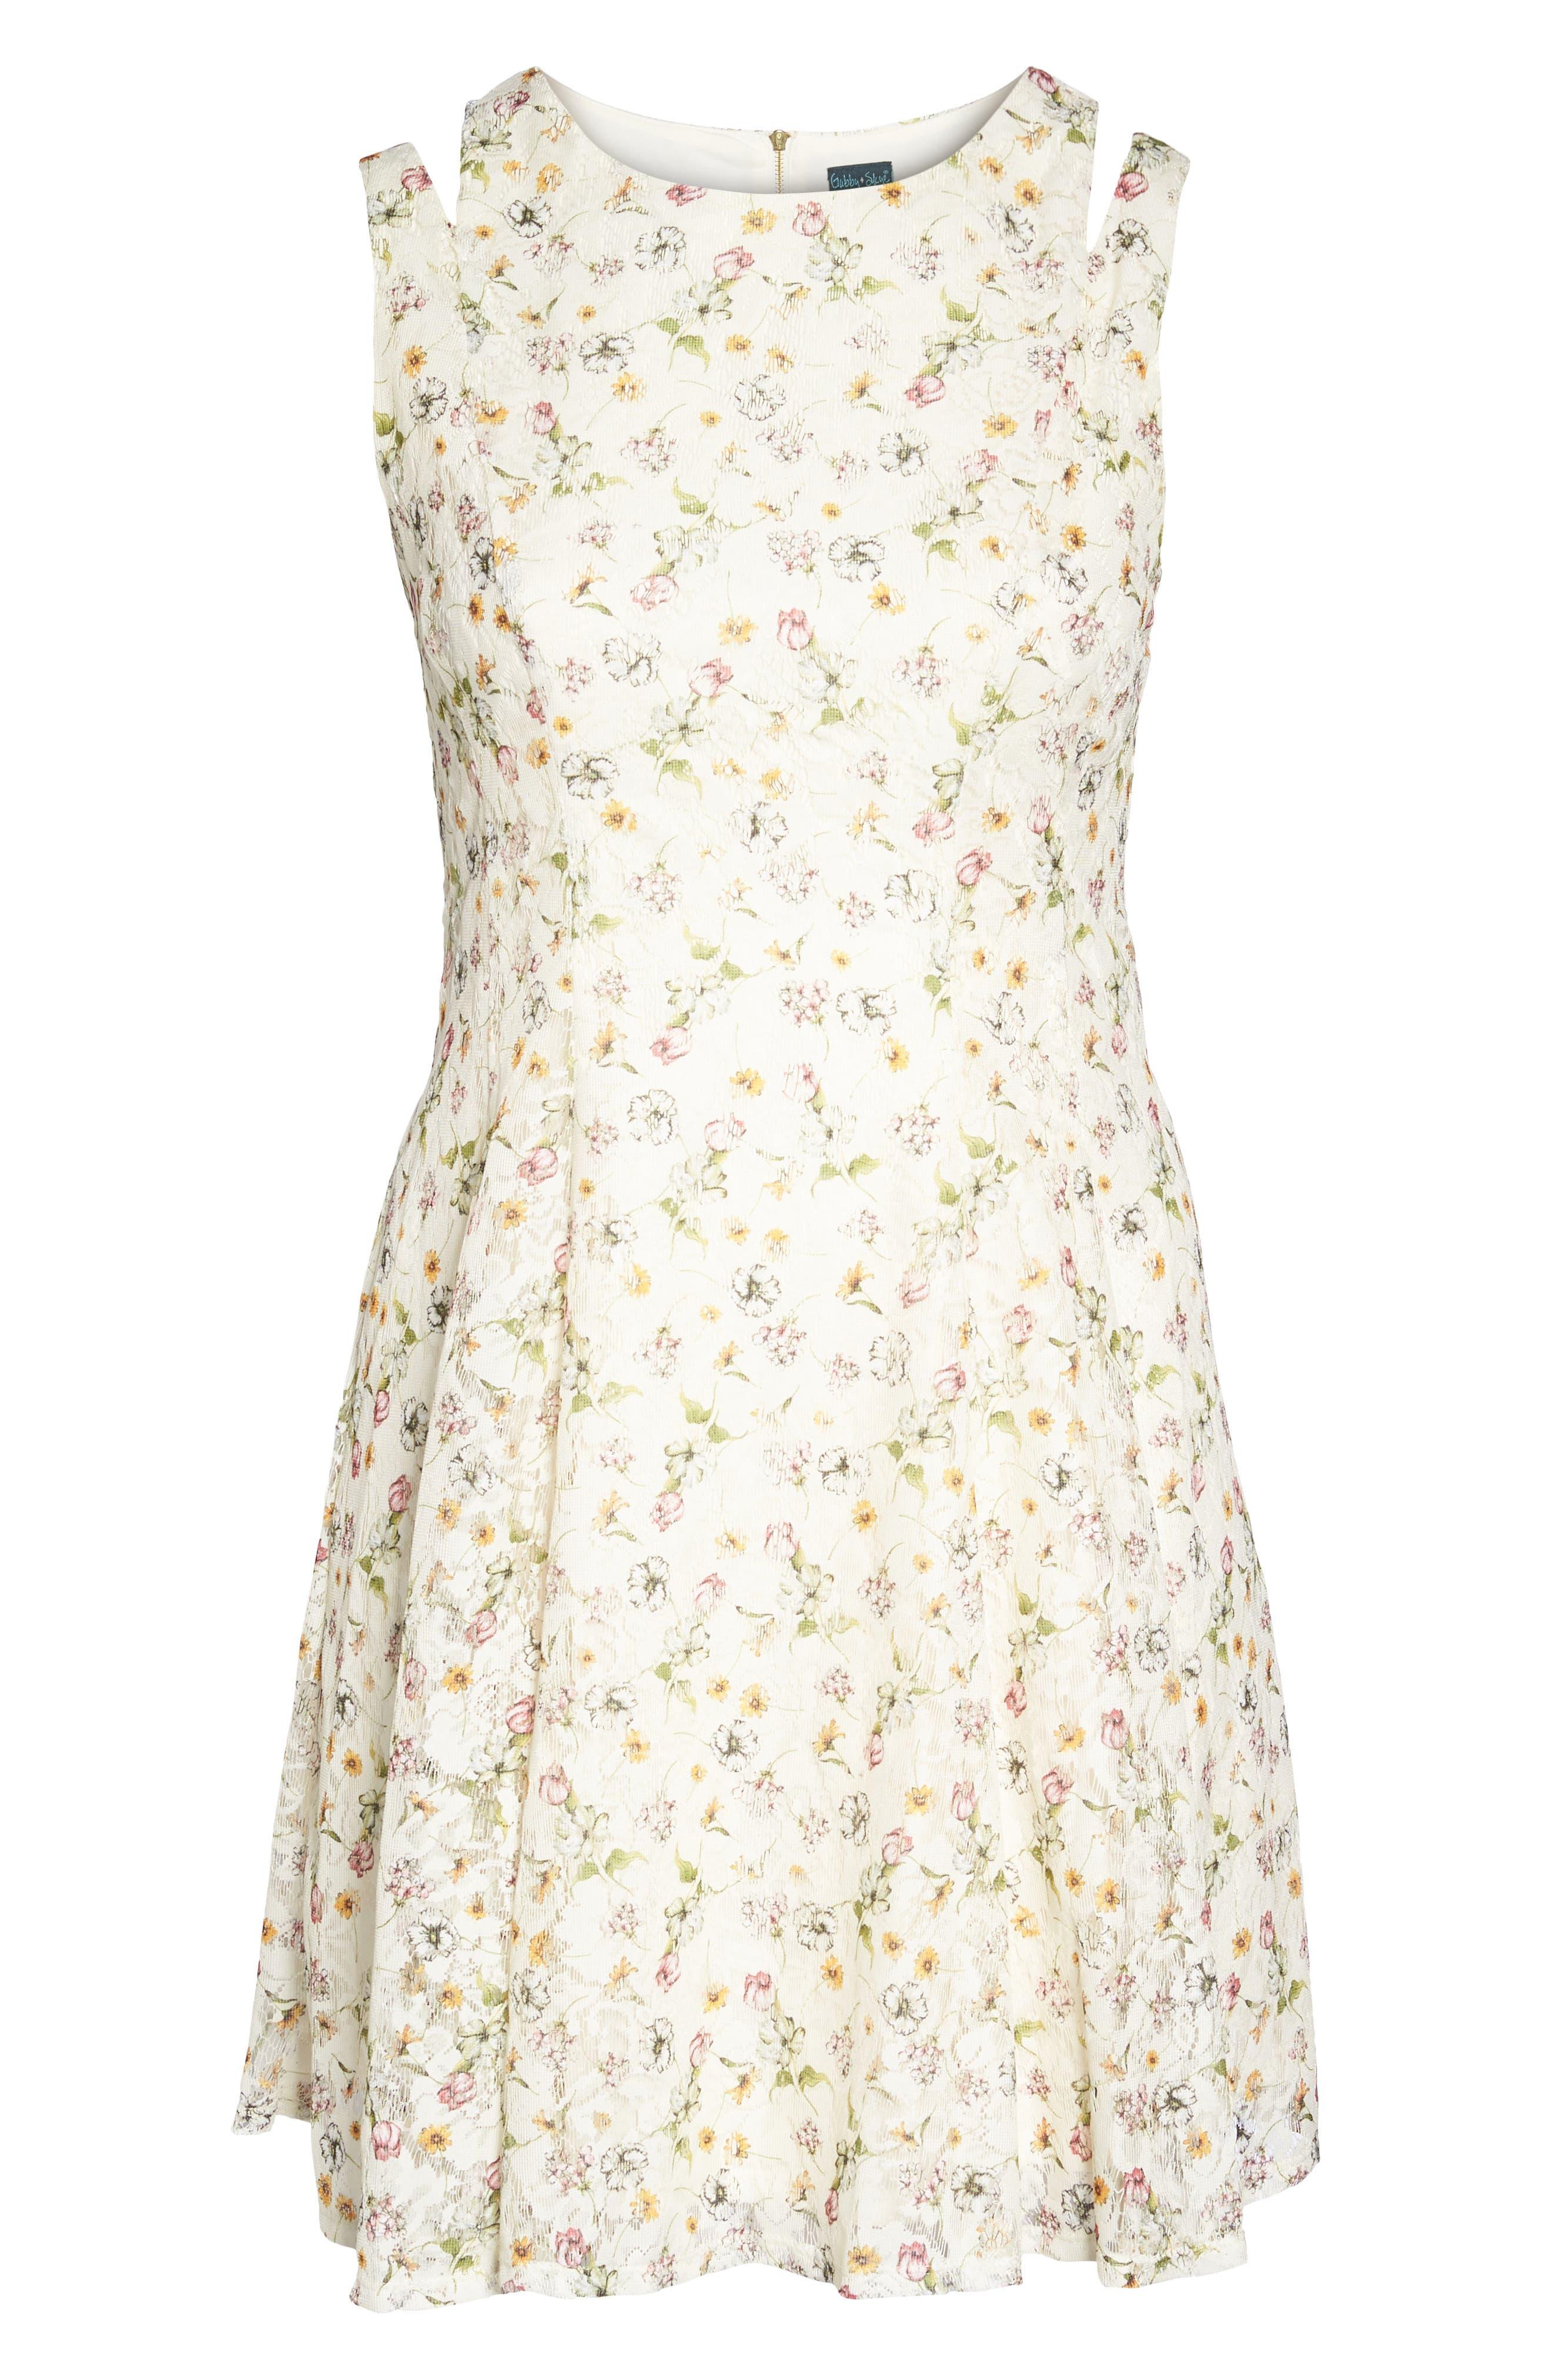 Cutout Shoulder Floral Print Lace Dress,                             Alternate thumbnail 6, color,                             111